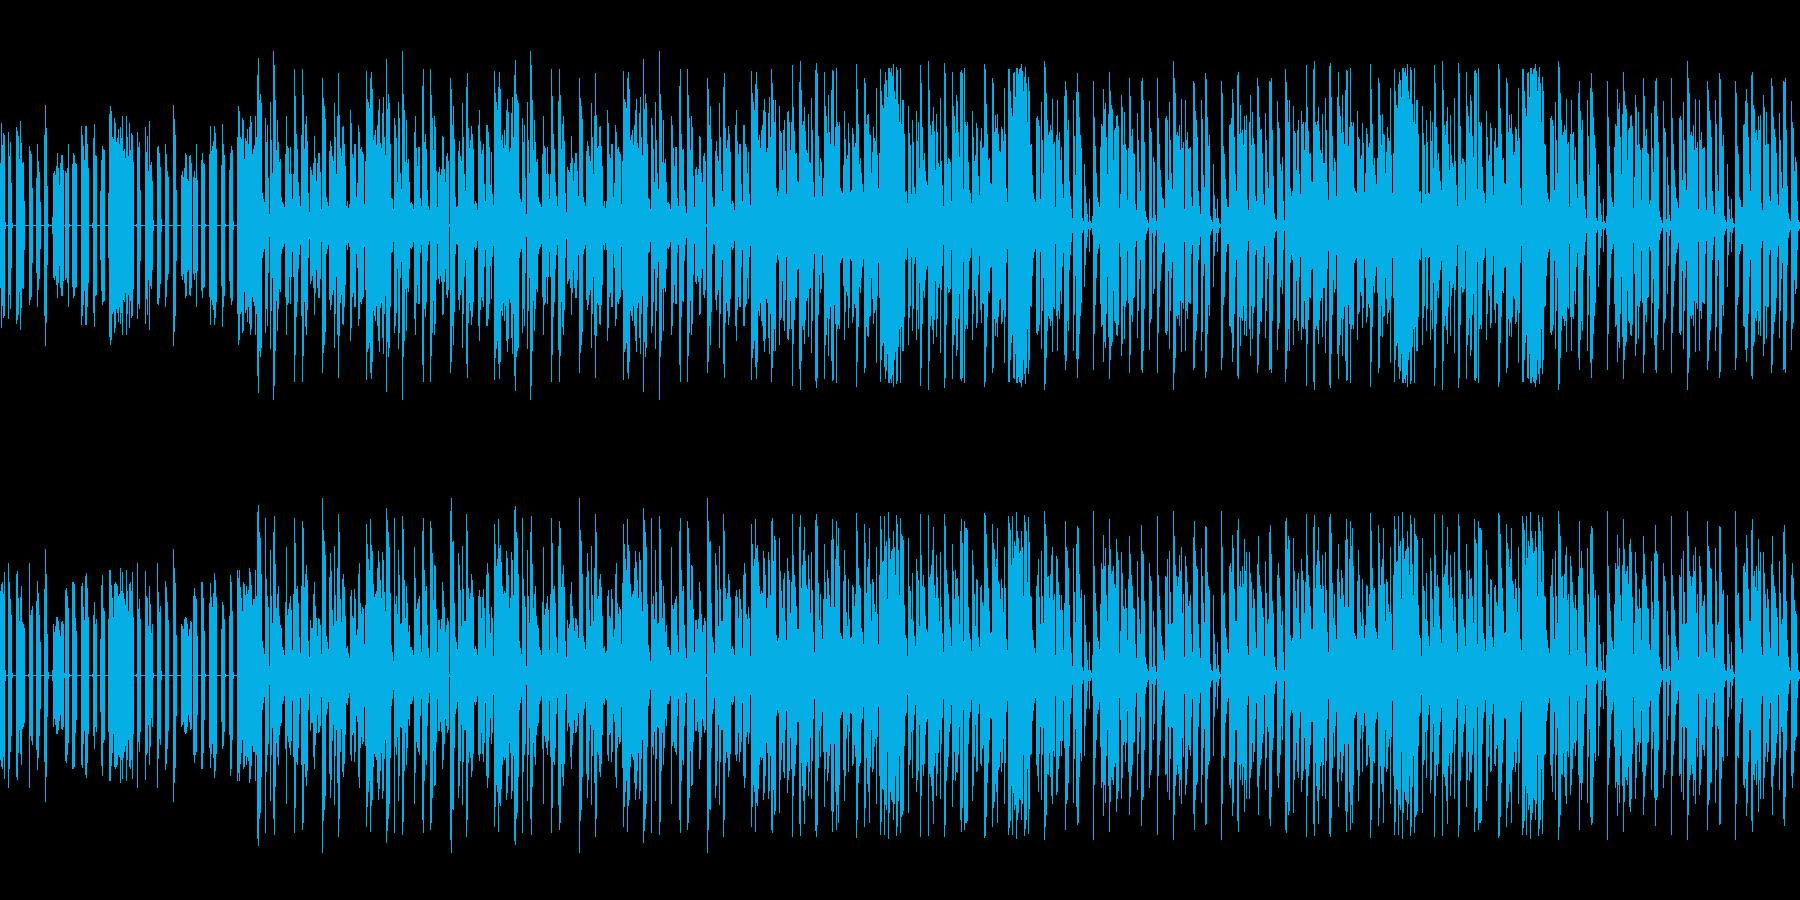 【オルガンメインの軽快なヒップホップ】の再生済みの波形